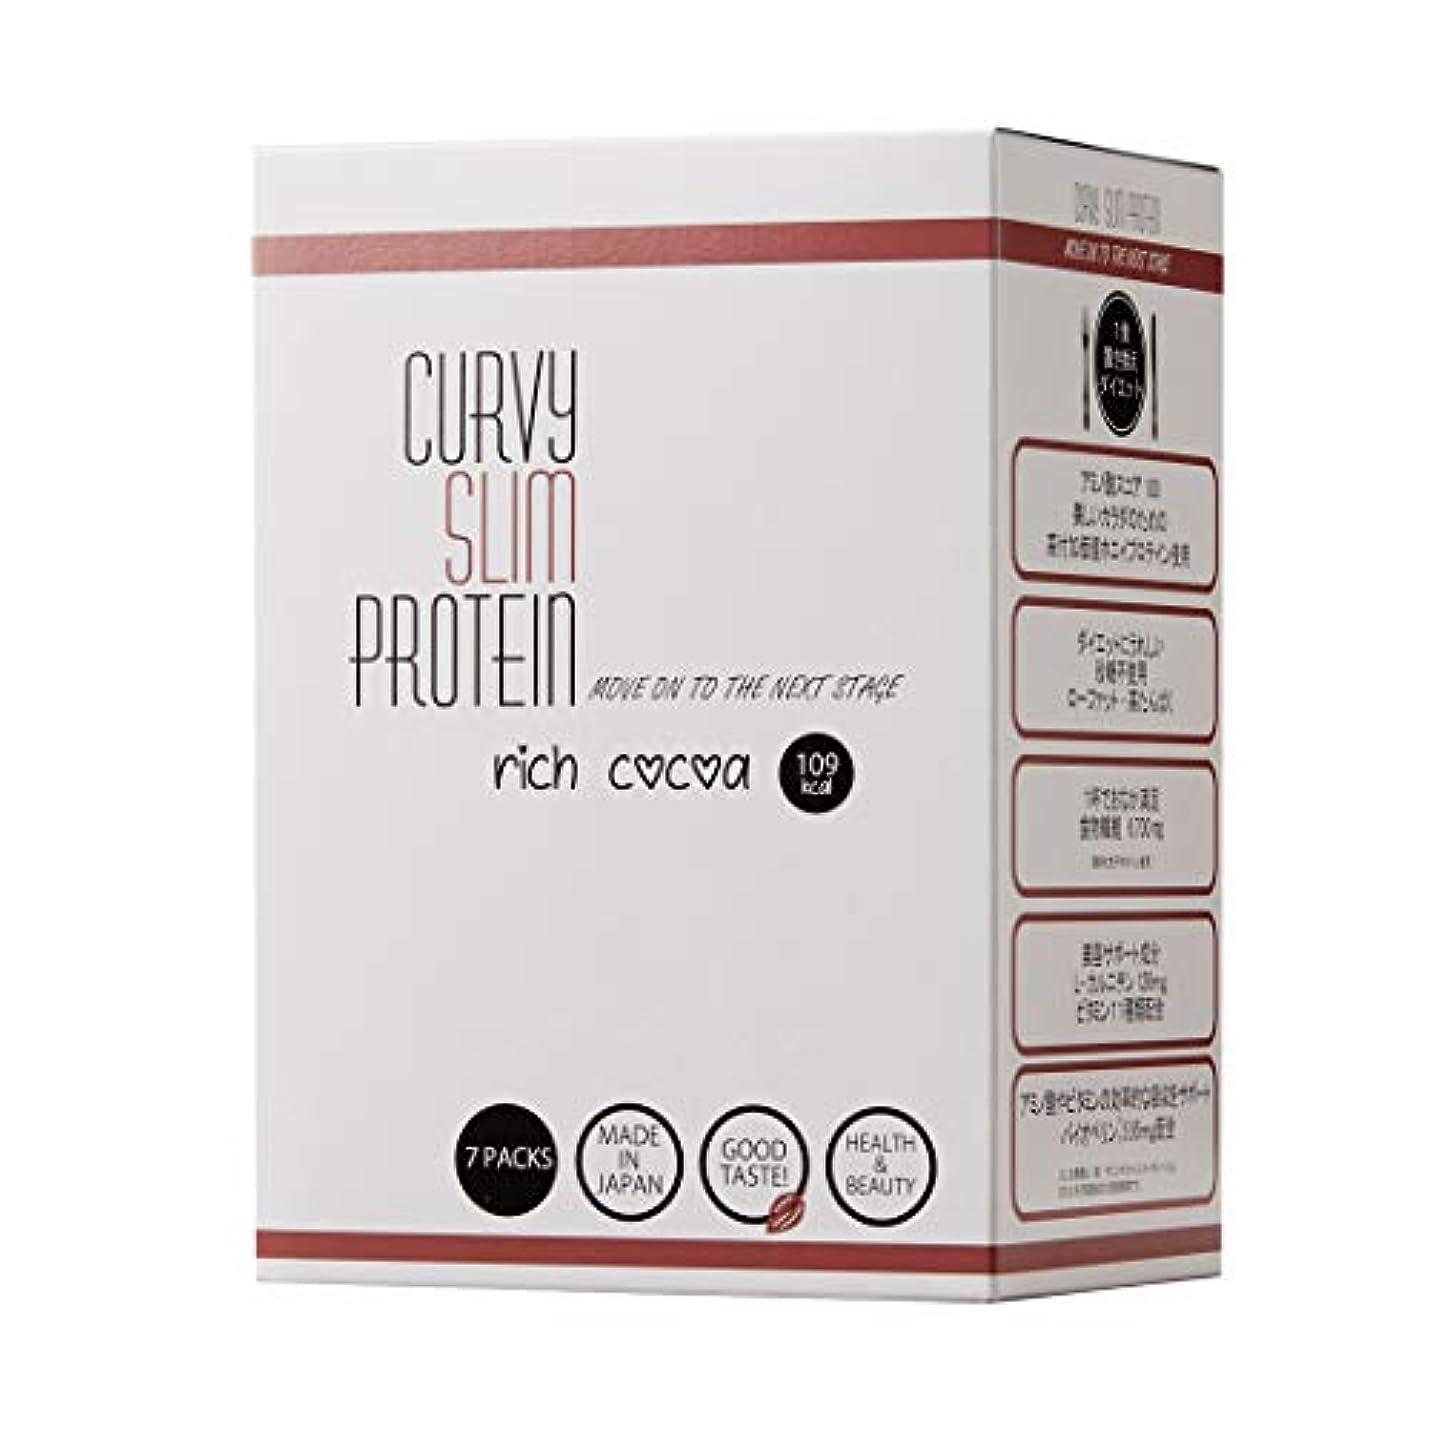 野心的浸漬パスポートカーヴィースリム® プロテイン リッチココア 置き換え ダイエット 7包(7食分)